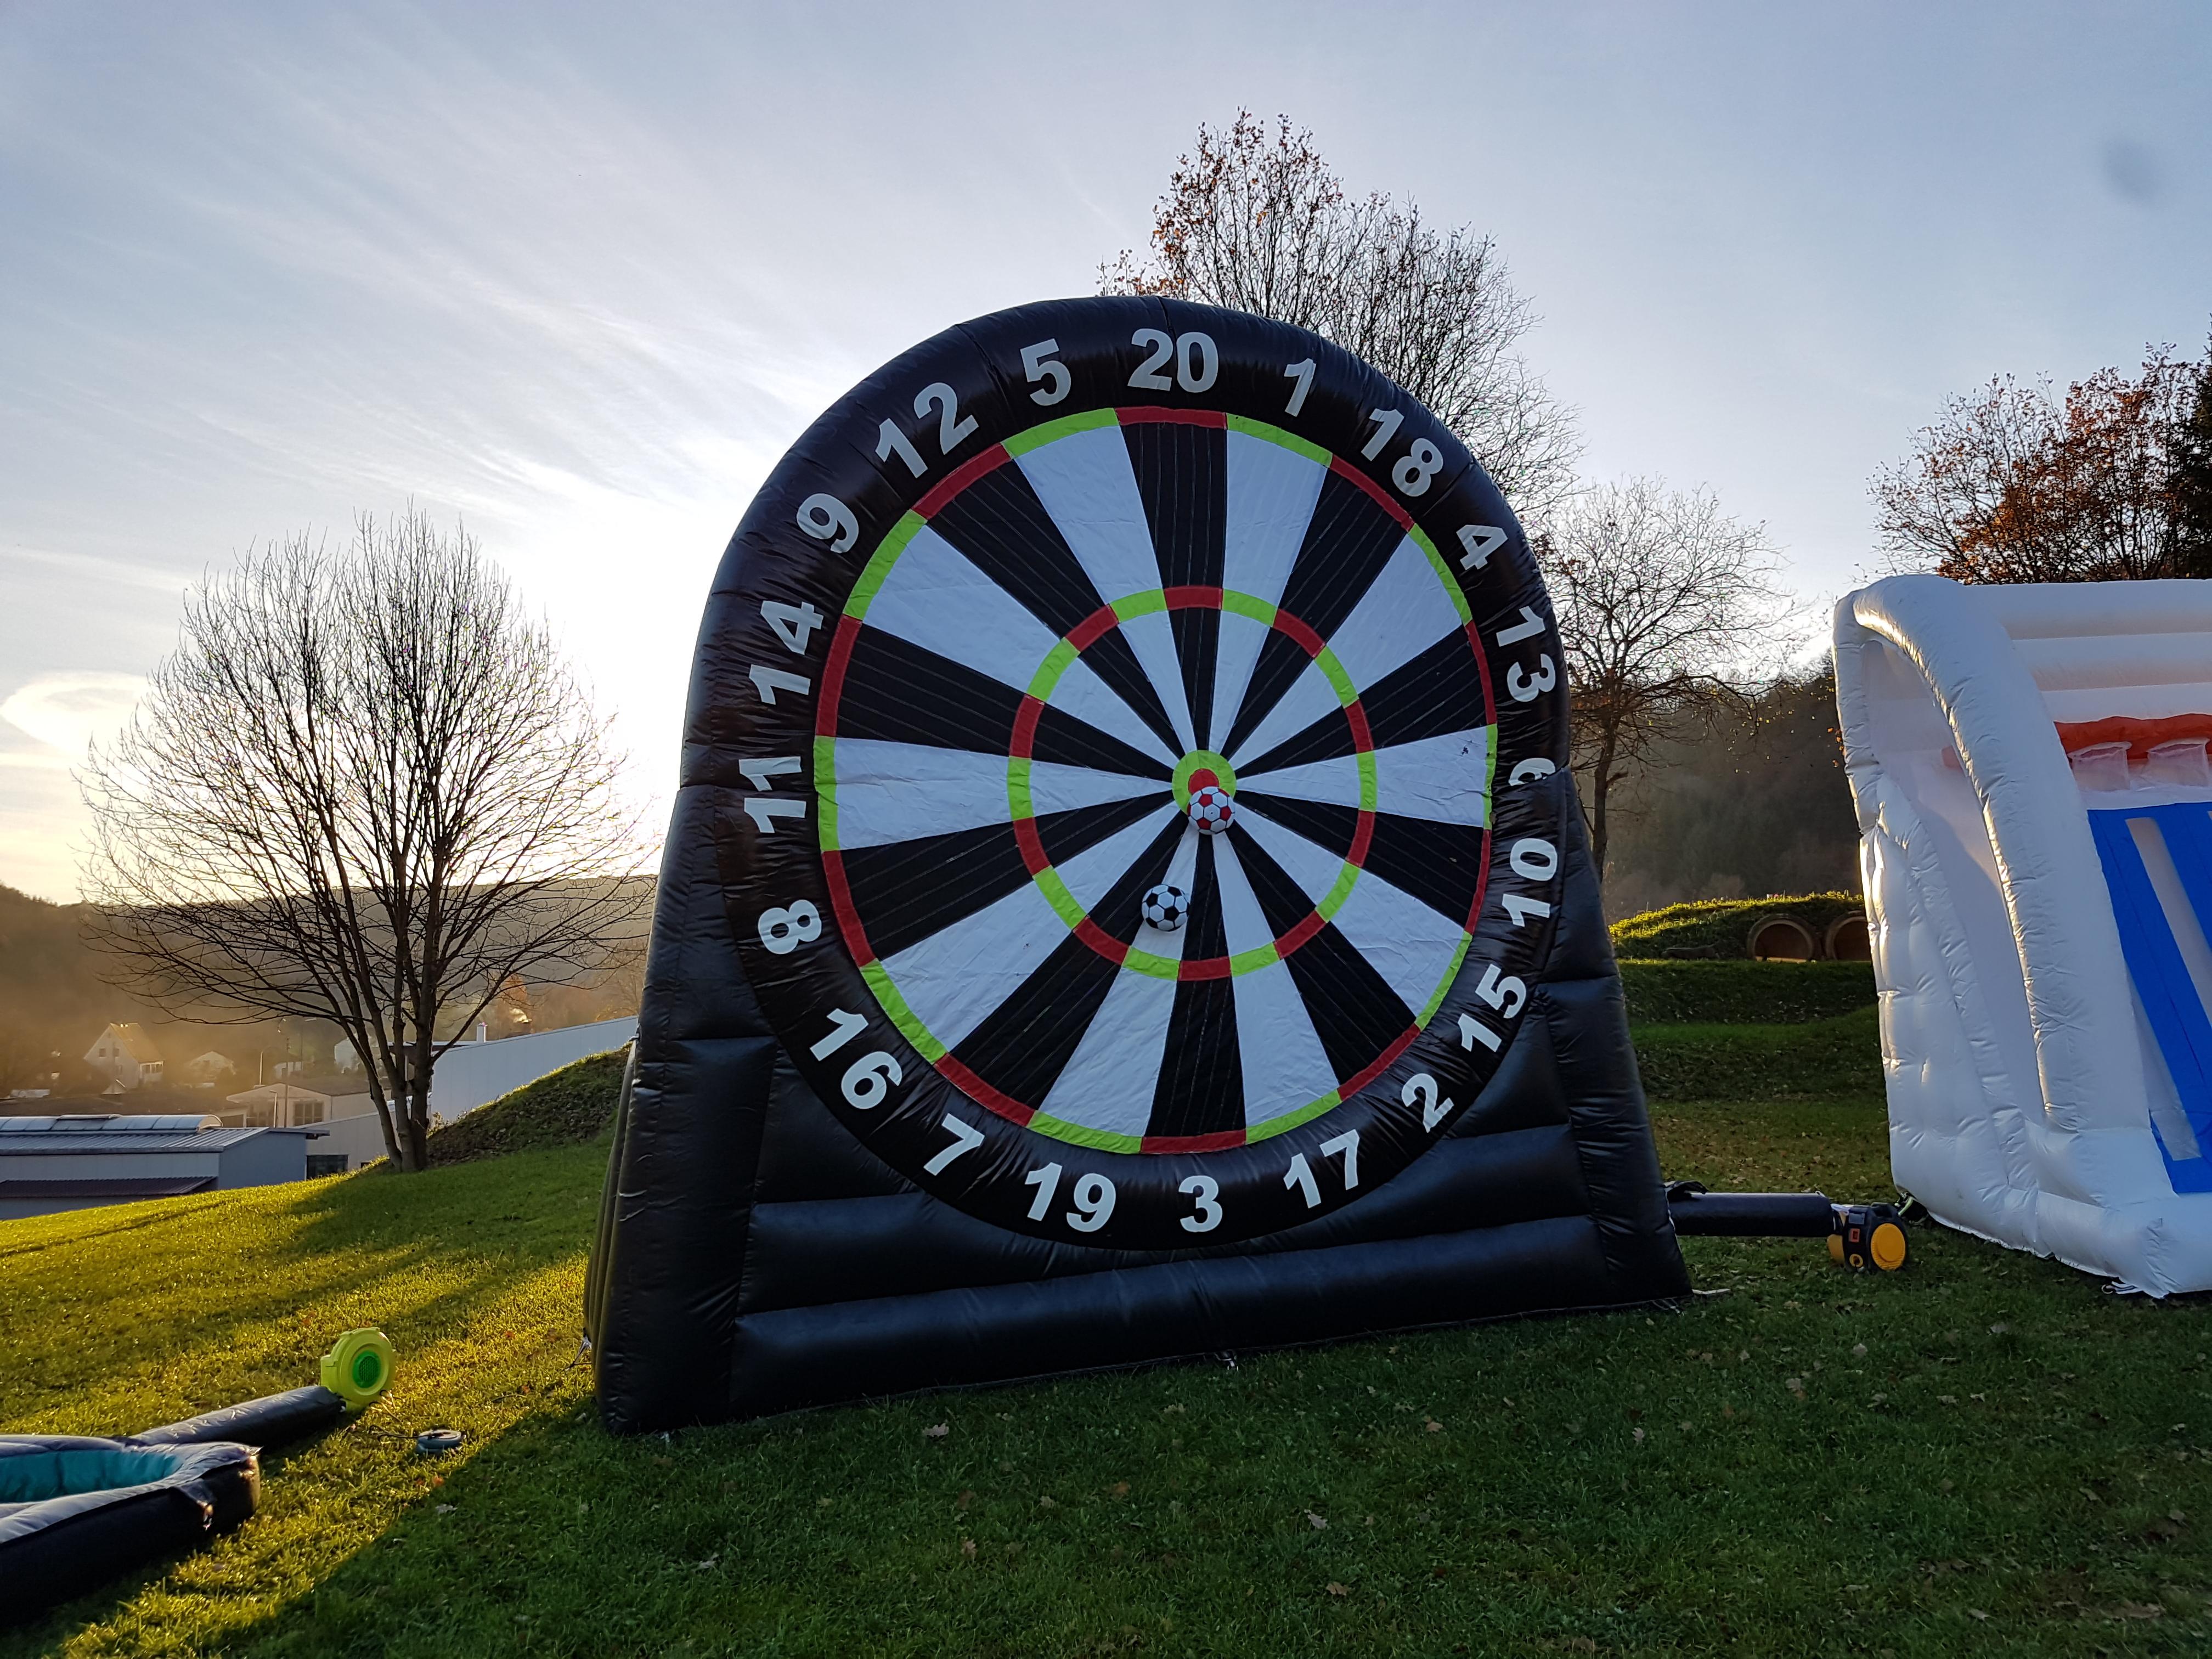 Fussball Dart Event Modul Mc Kamp Das Jugend Freizeitcamp